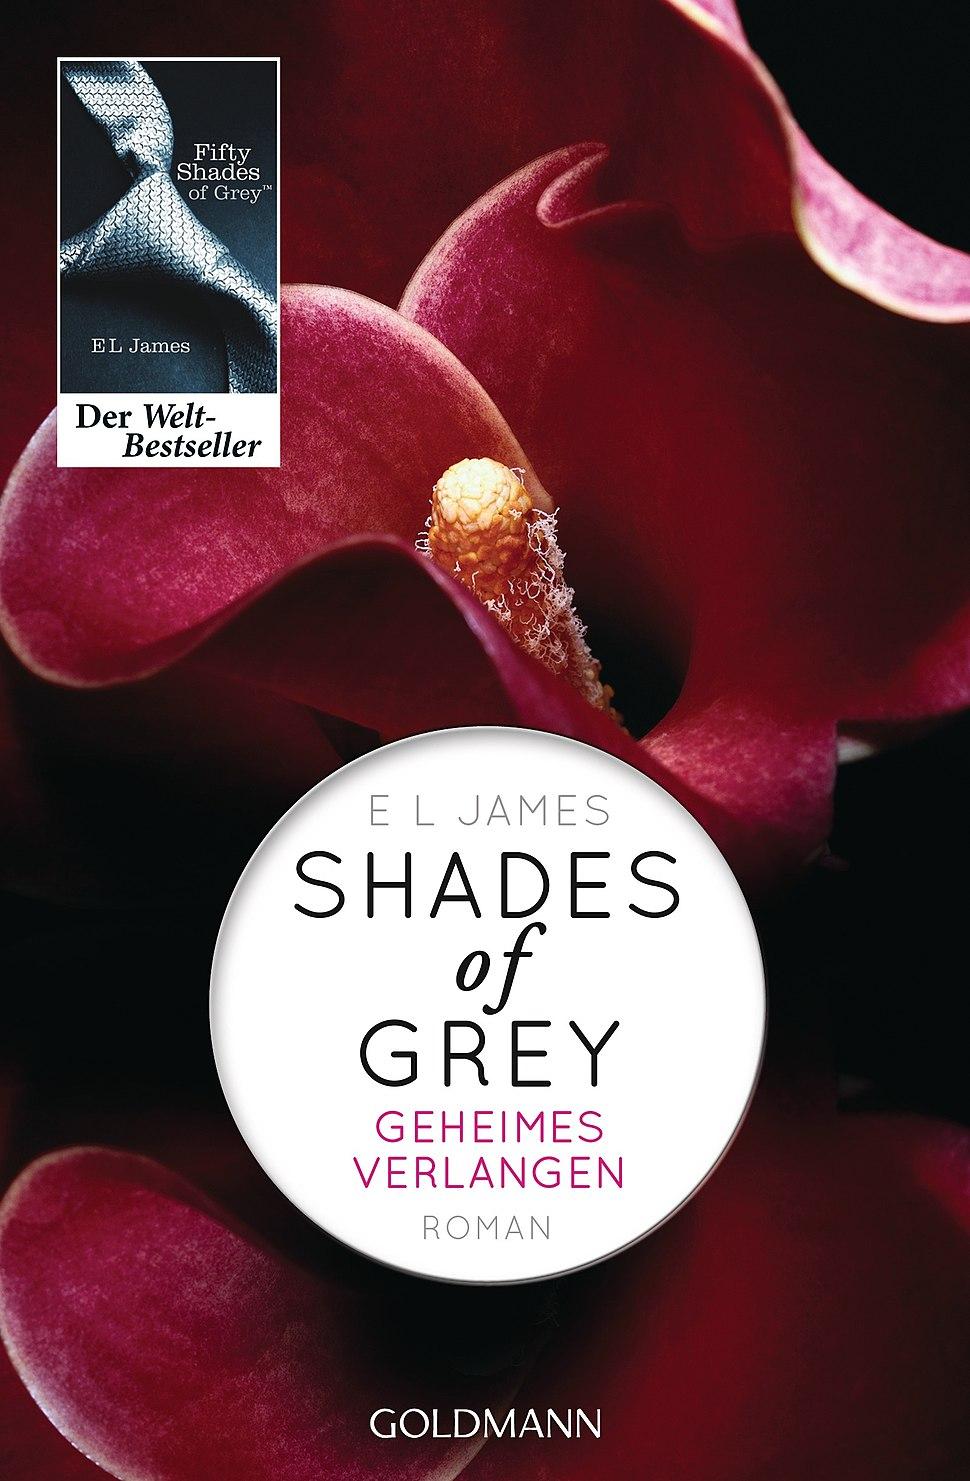 Shades of Grey - Geheimes Verlangen (E. L. James, 2012)